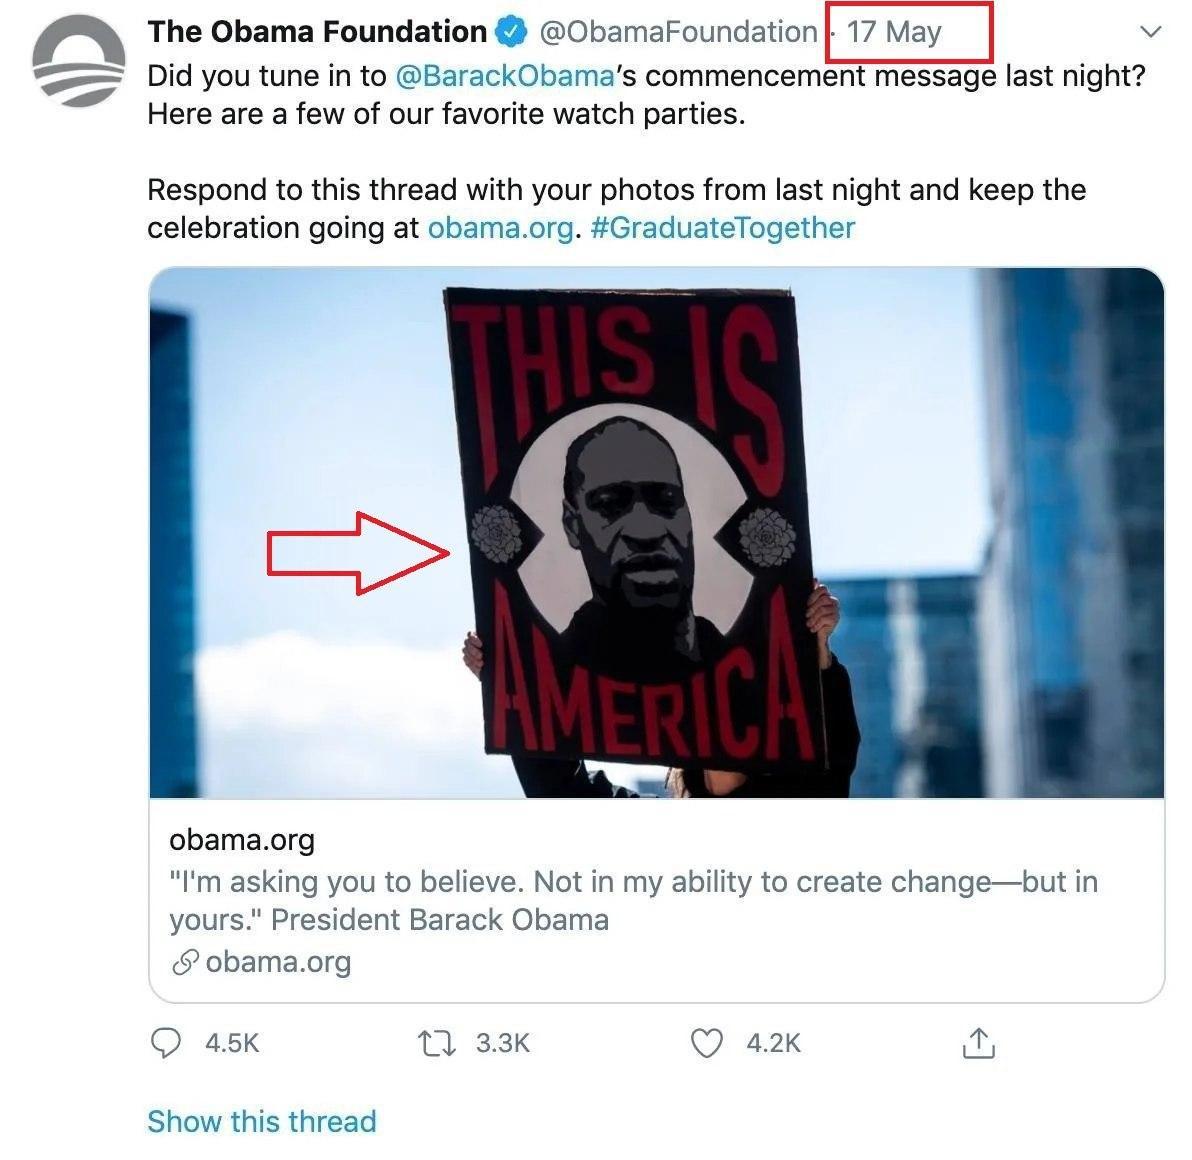 Bức ảnh Twitter được Quỹ Obama sử dụng là vào ngày 17/5.